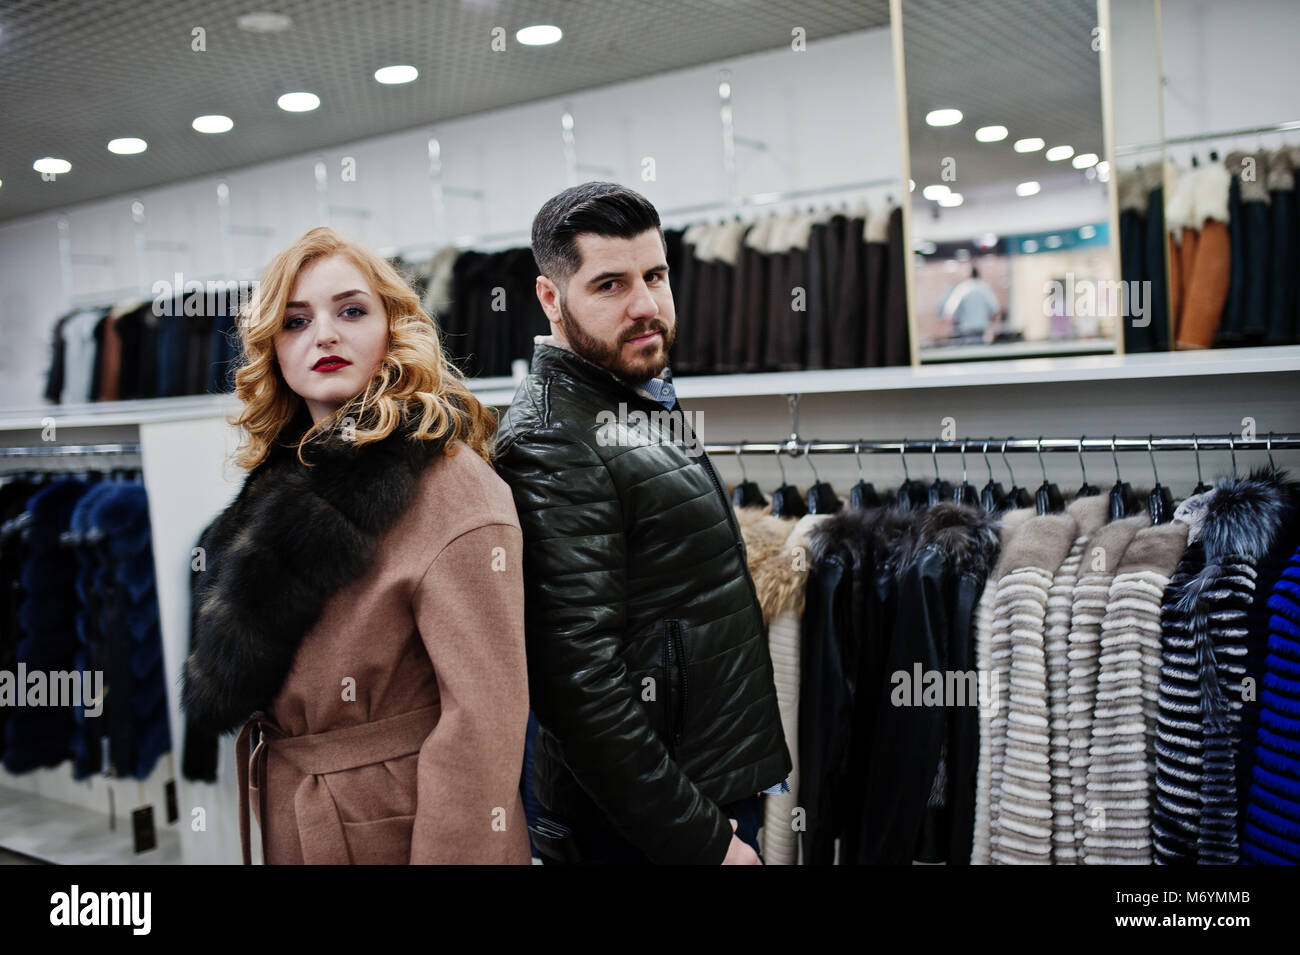 diseño de calidad f25c5 3c977 La elegancia chica rubia en abrigo de pieles y elegante ...